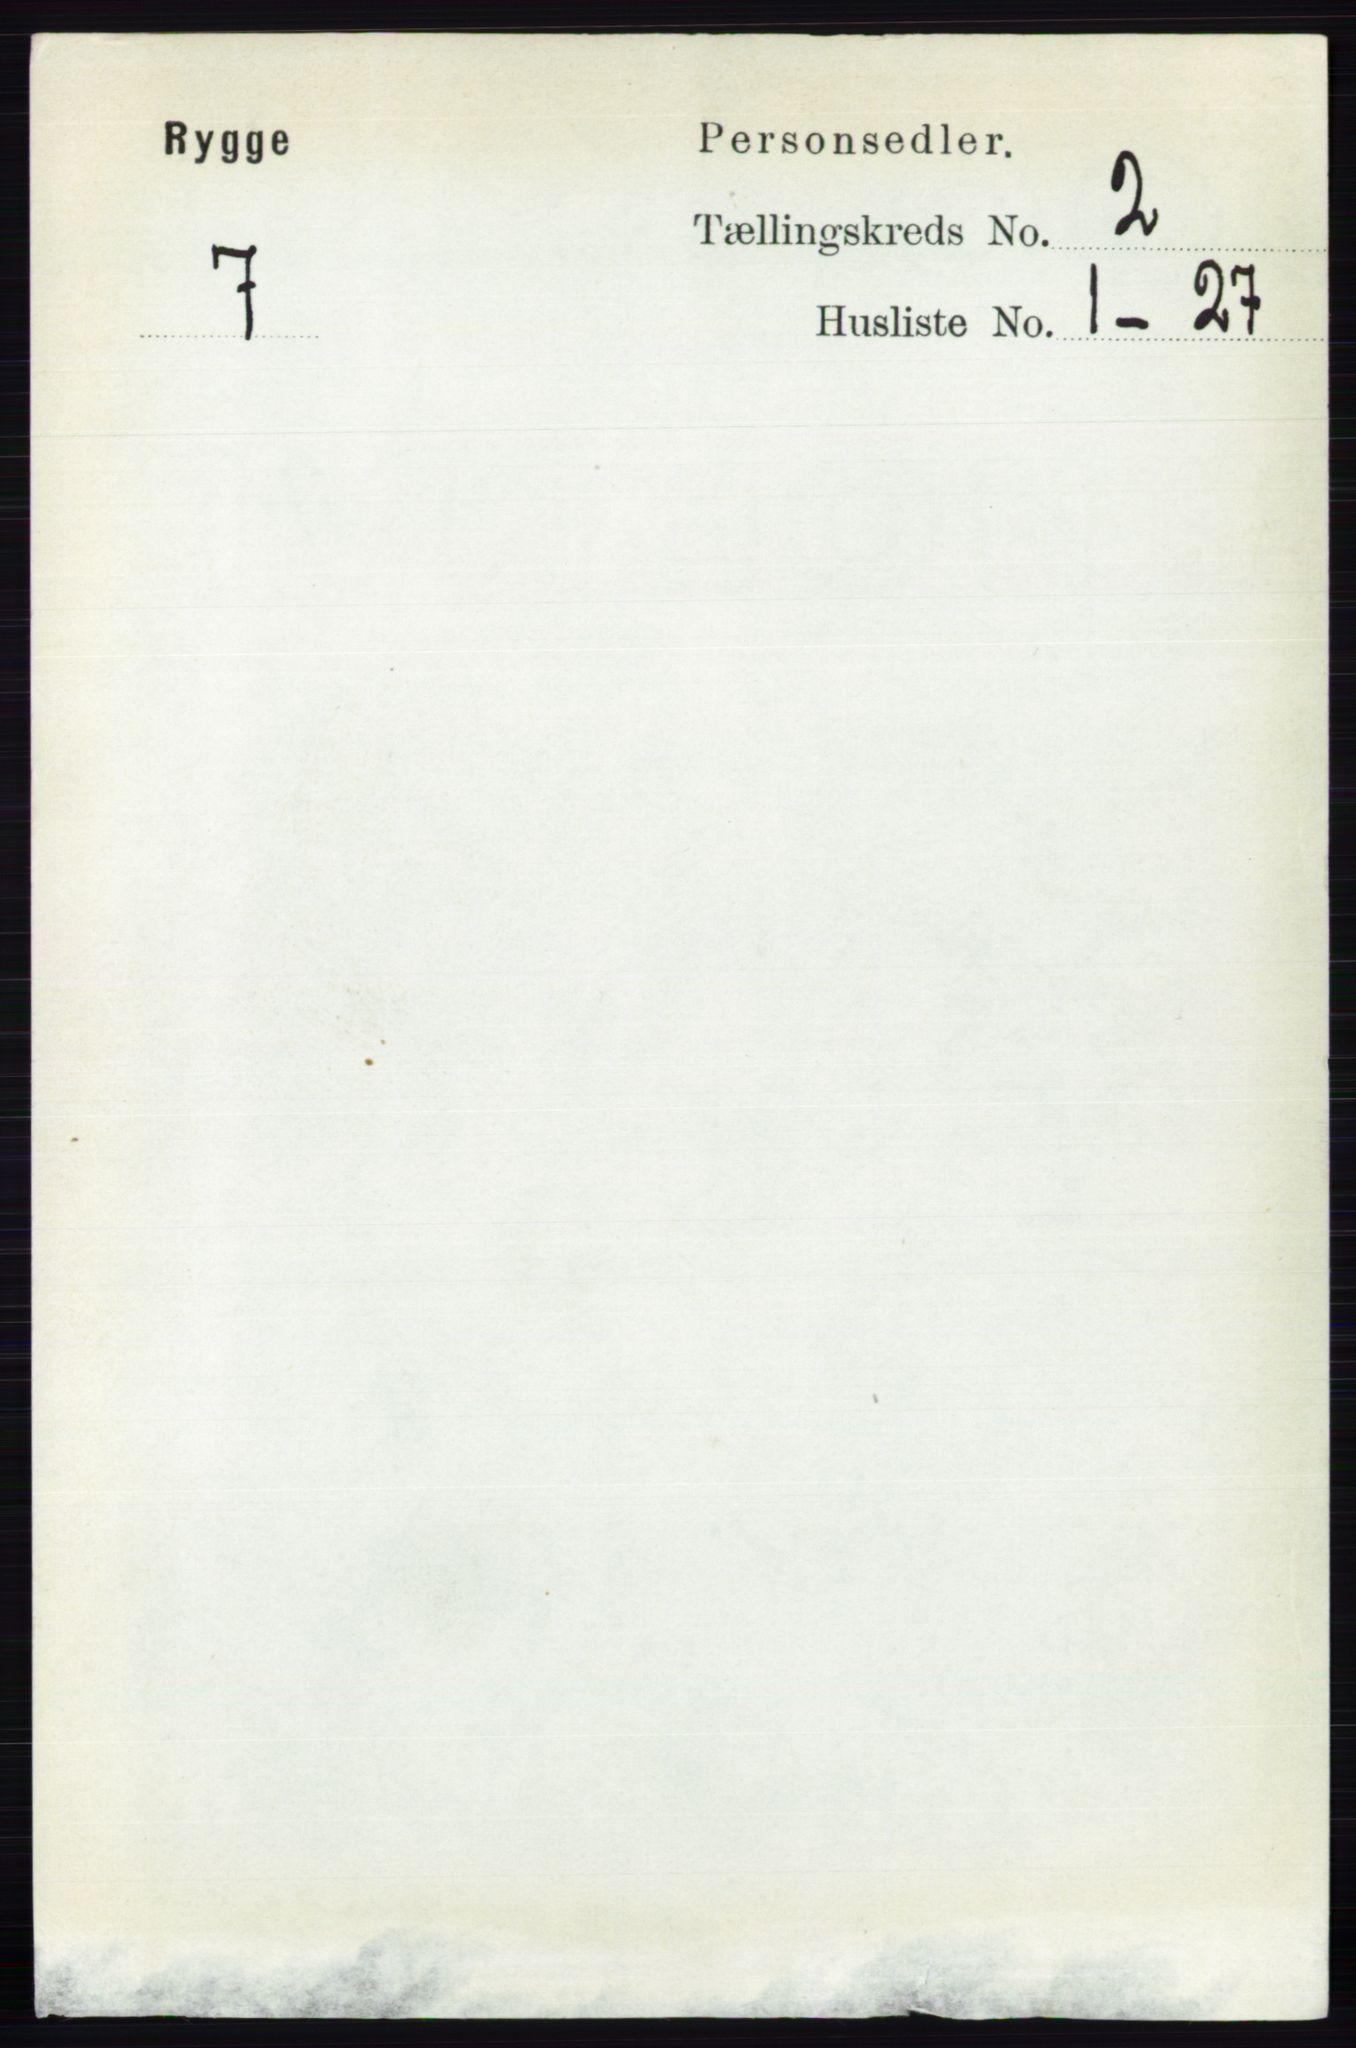 RA, Folketelling 1891 for 0136 Rygge herred, 1891, s. 1009